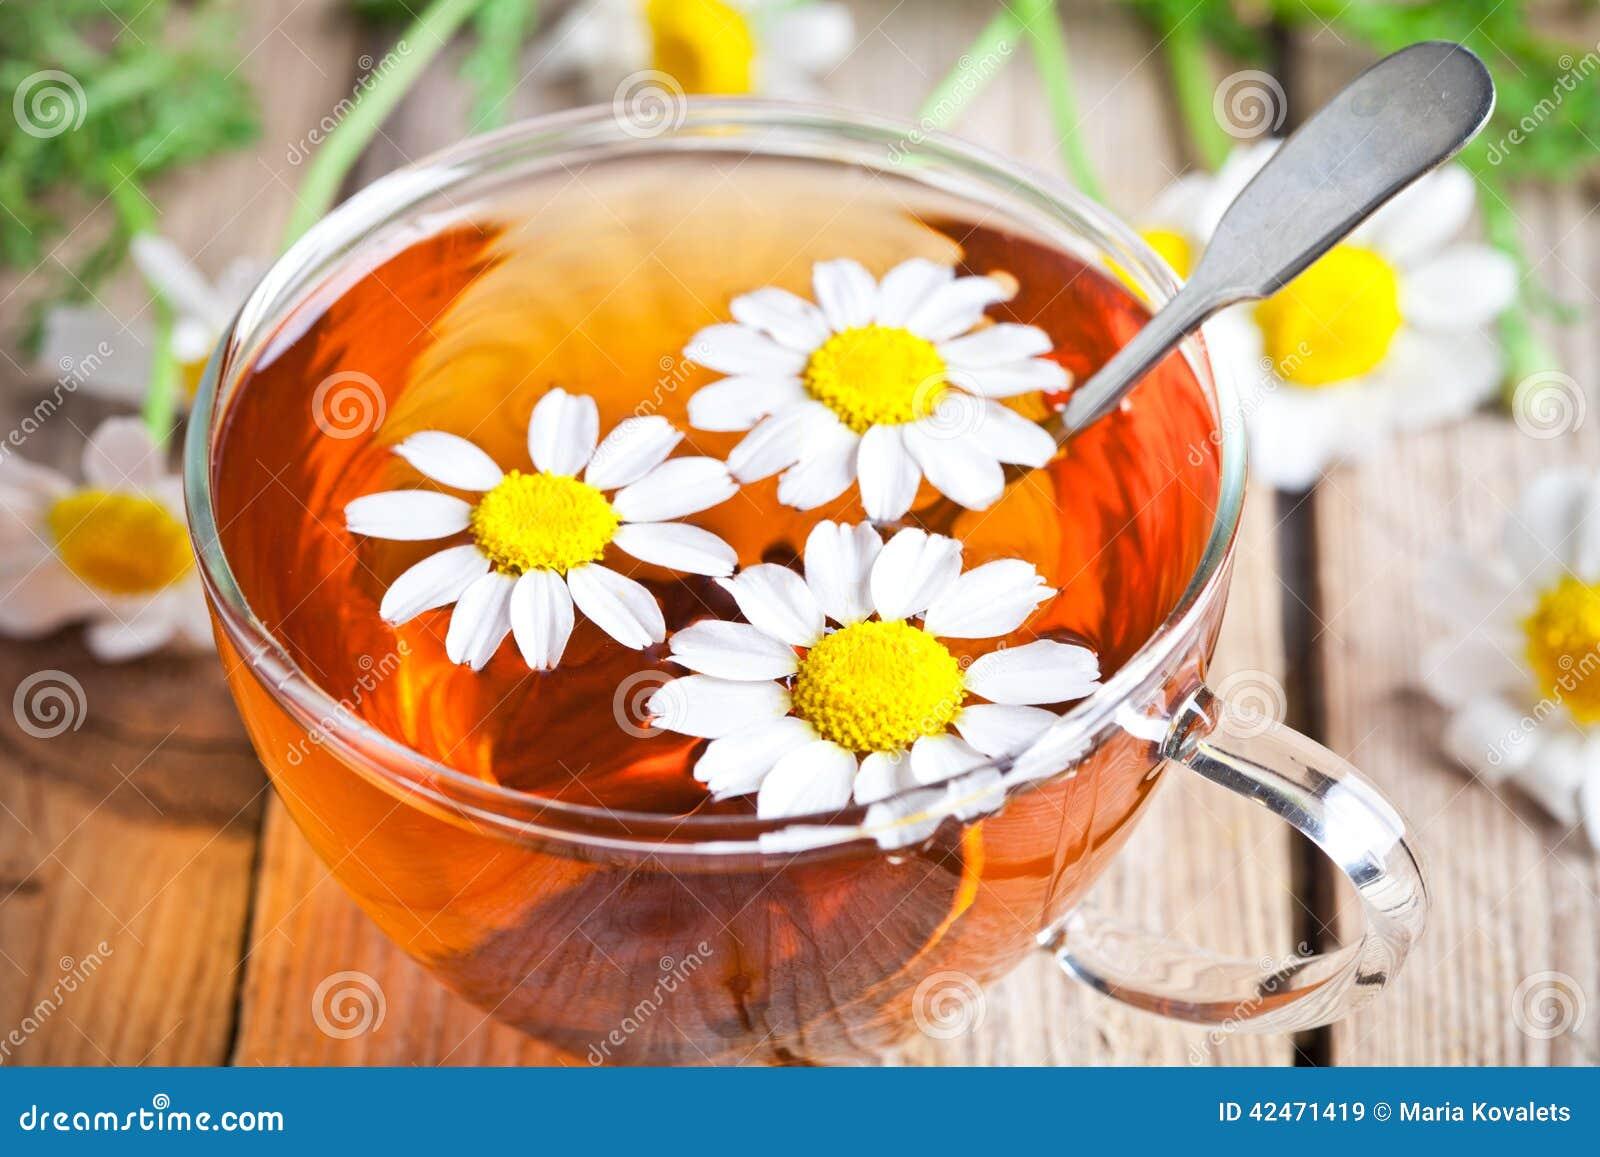 Tasse Tee mit Kamillenblumen